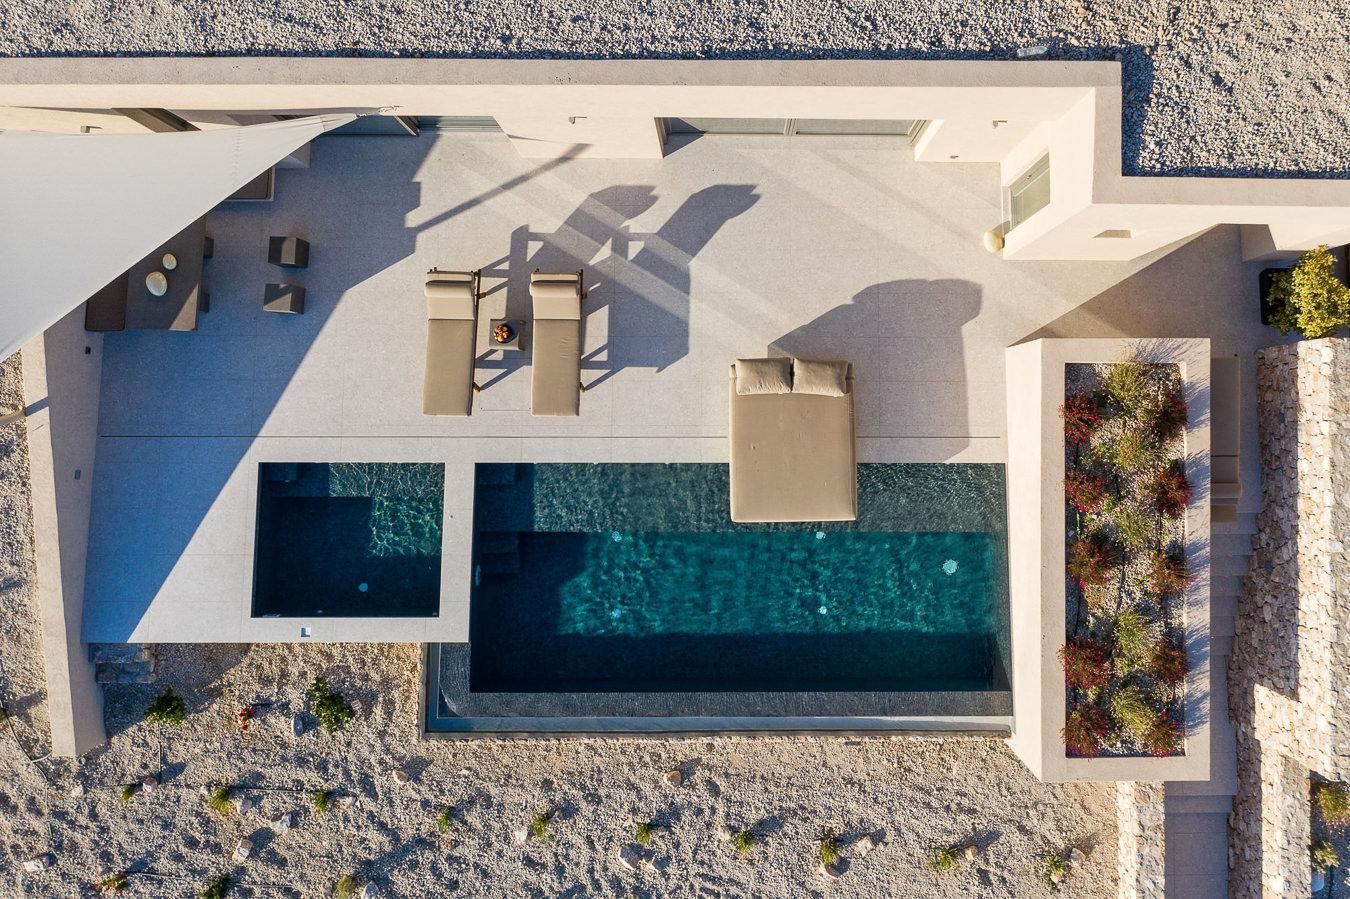 Santorini Sky, Γιώργος Φάκαρος - Αρχιτεκτονική Φωτογραφία | Εσωτερικοί Χώροι | Φωτογραφία Ξενοδοχειών - Photography / Φωτογραφία